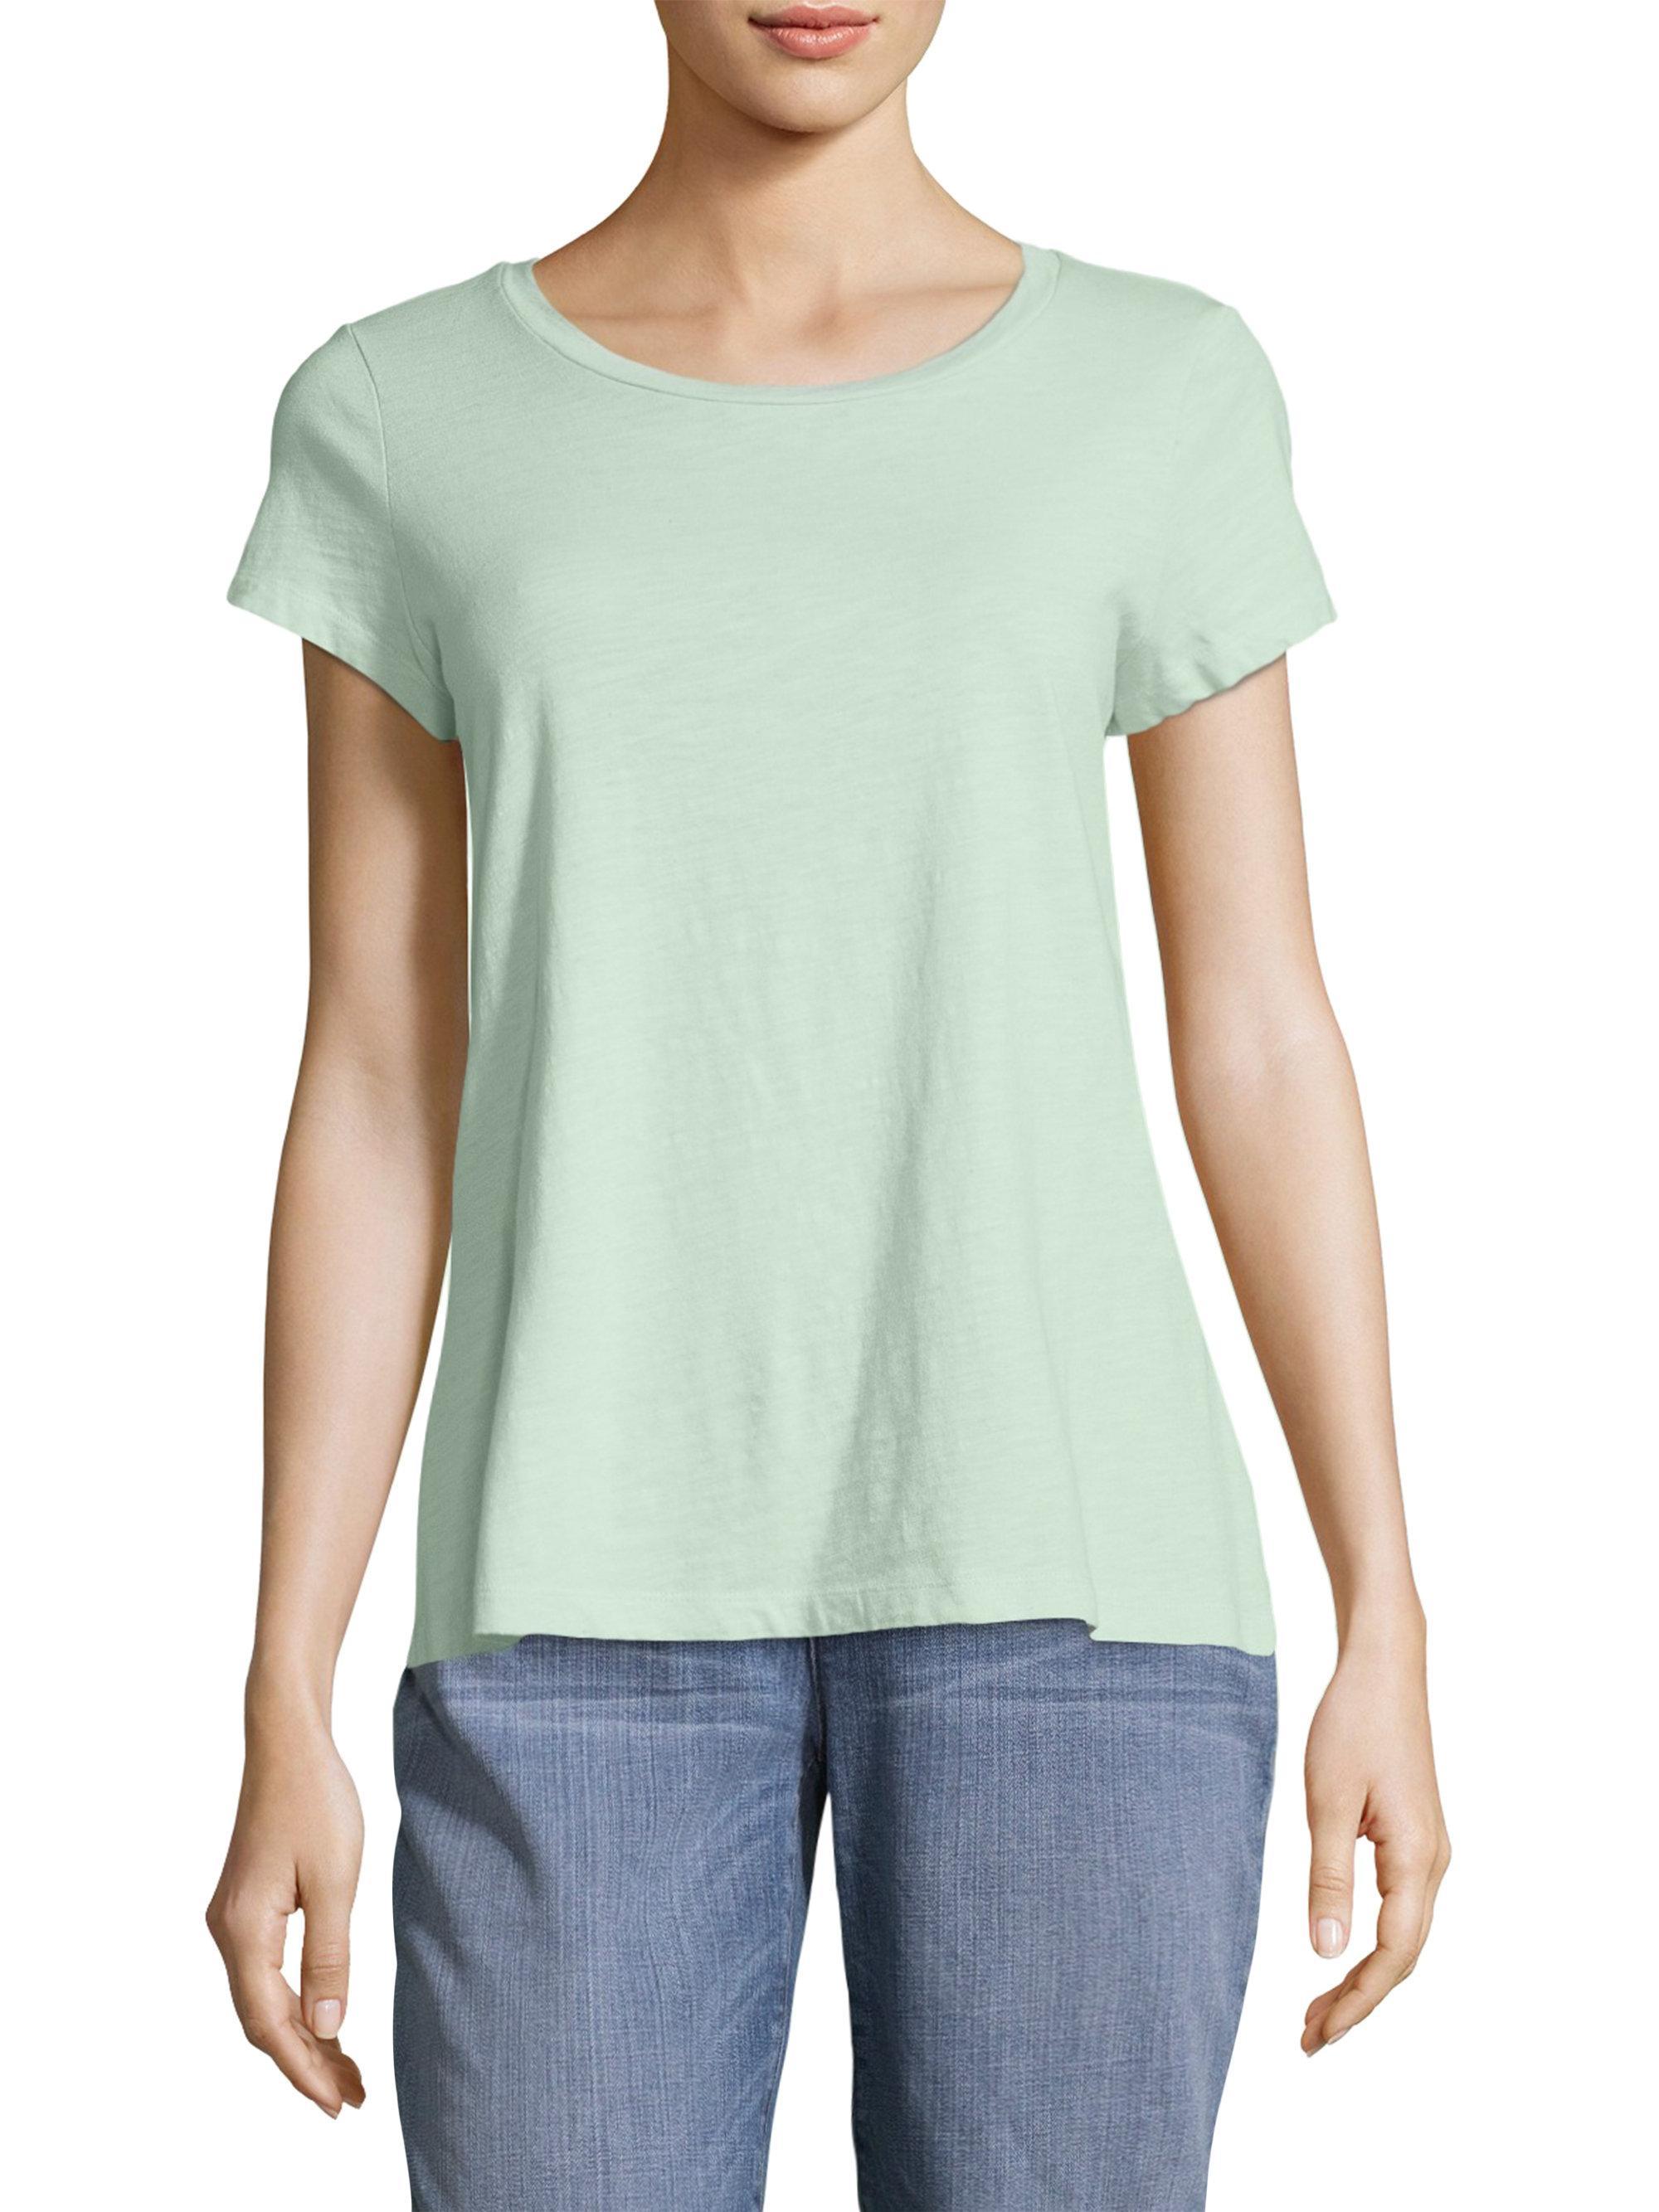 Eileen fisher slubby organic cotton tee in green lyst for Eileen fisher organic cotton t shirt